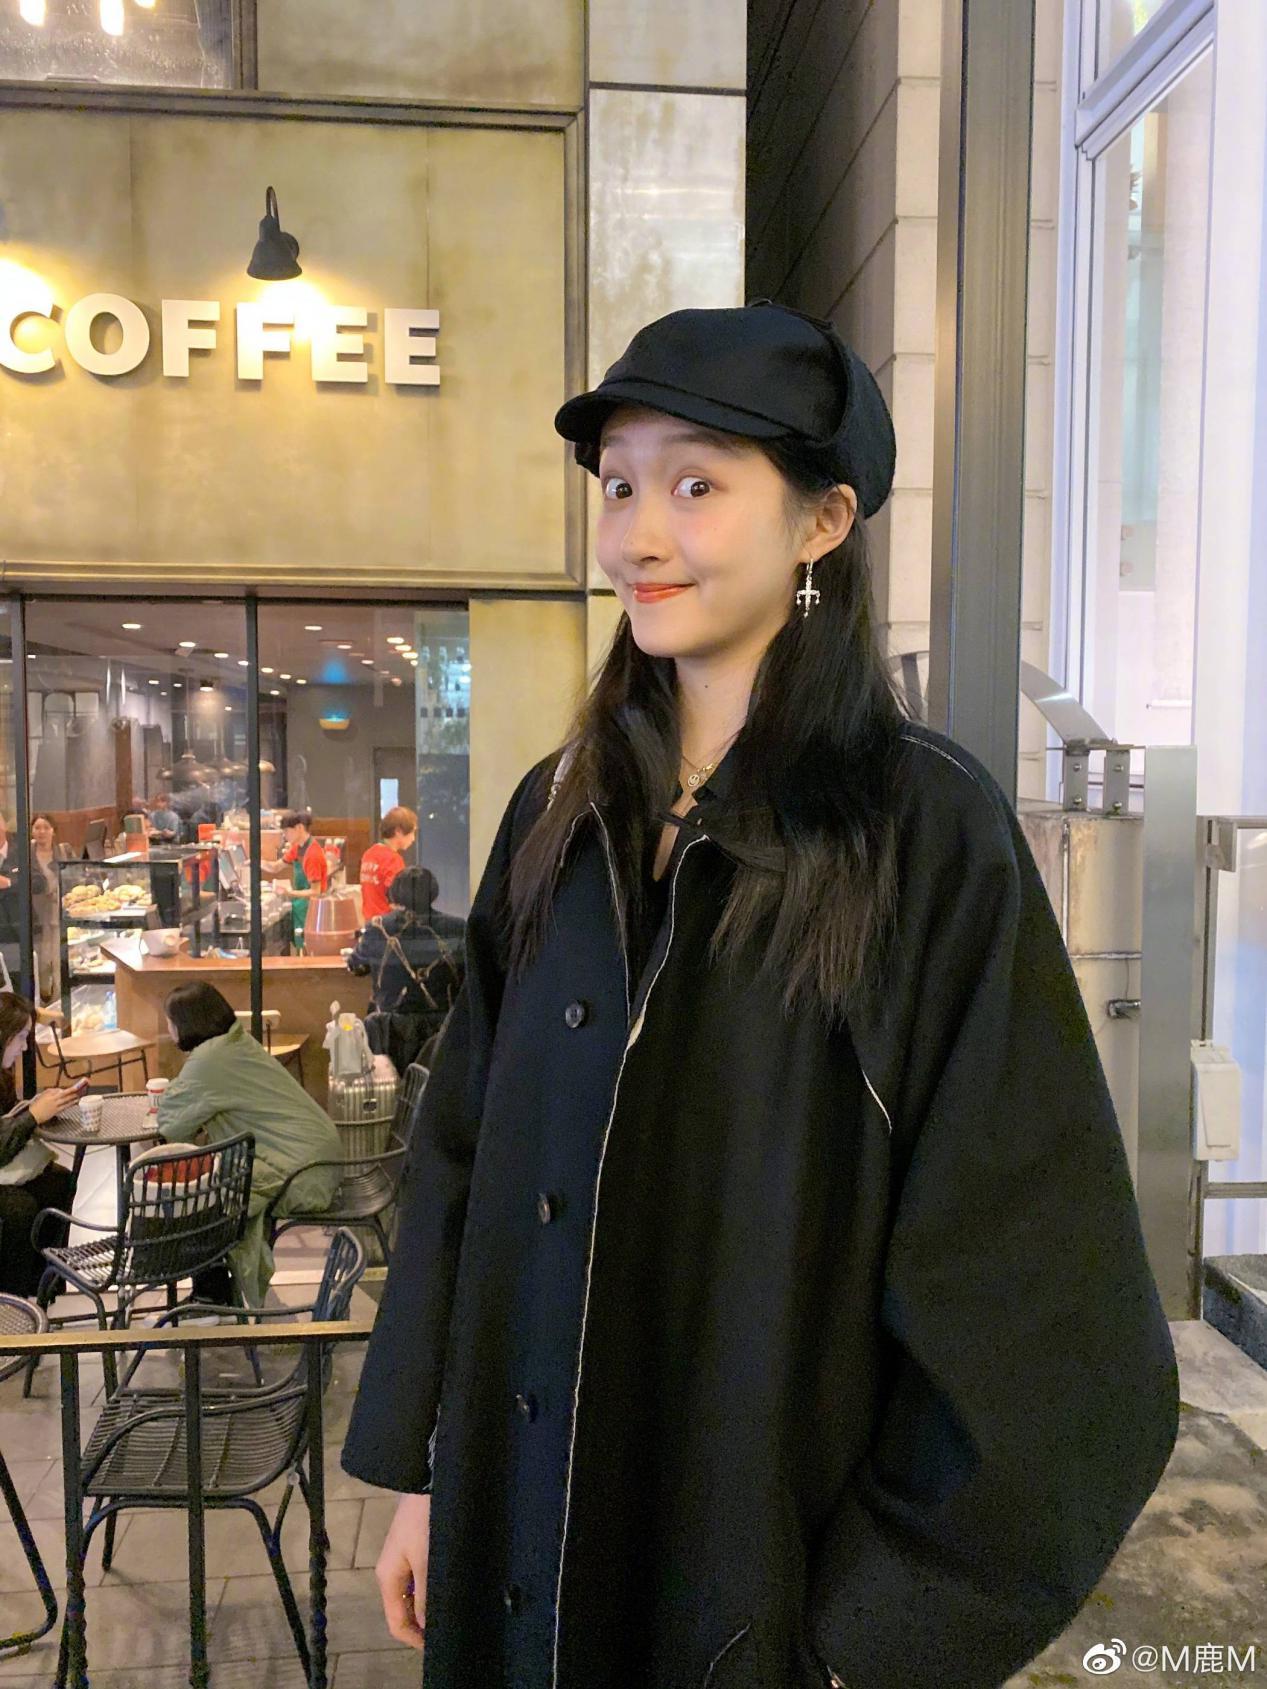 鹿晗凌晨发生日祝福,关晓彤却穿黑色丝袜在蹦迪?被嘲舞姿太尴尬